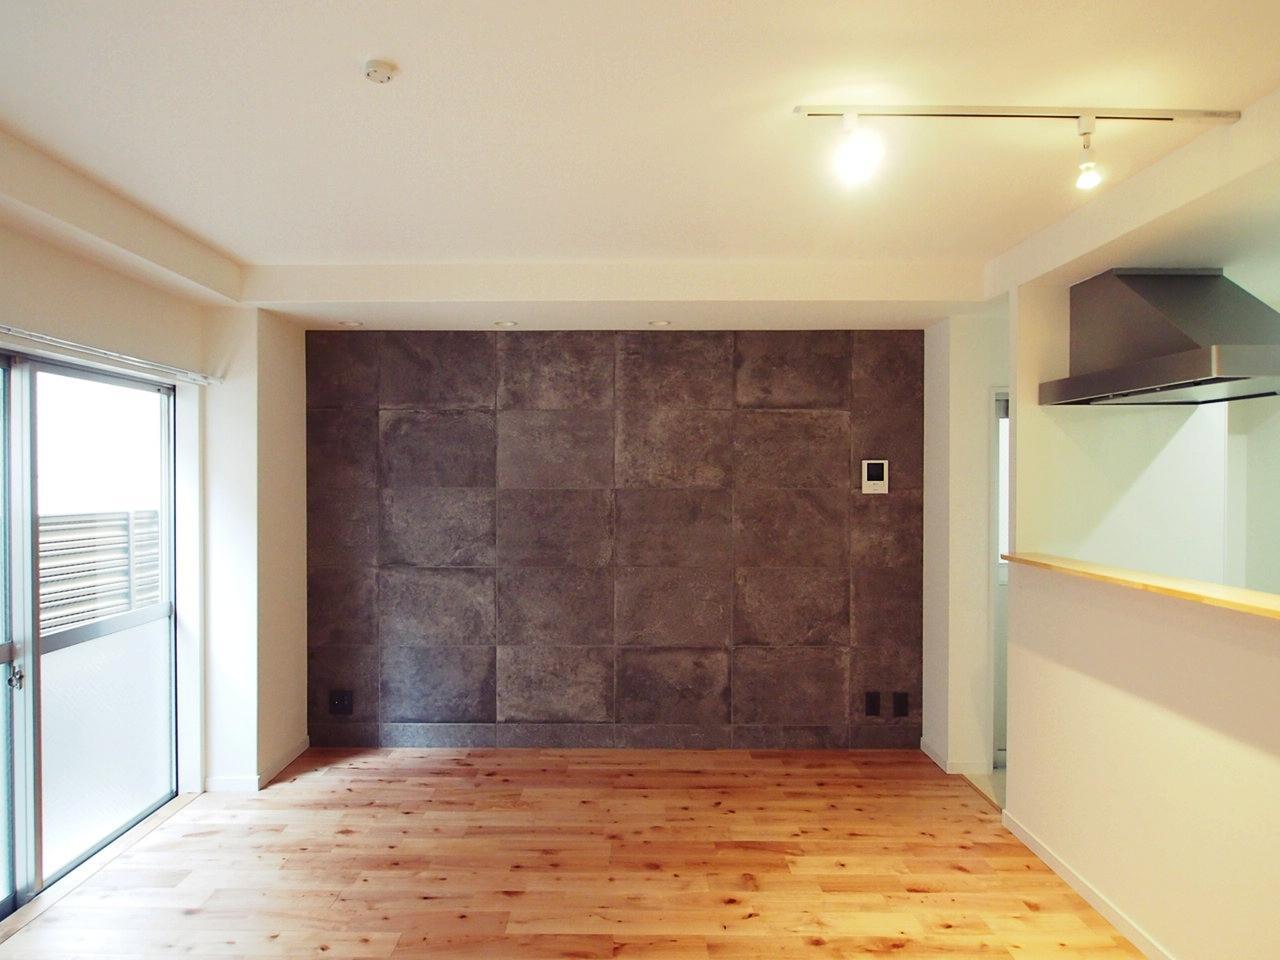 アクセントな壁面はガチのタイルで裏切りなし。